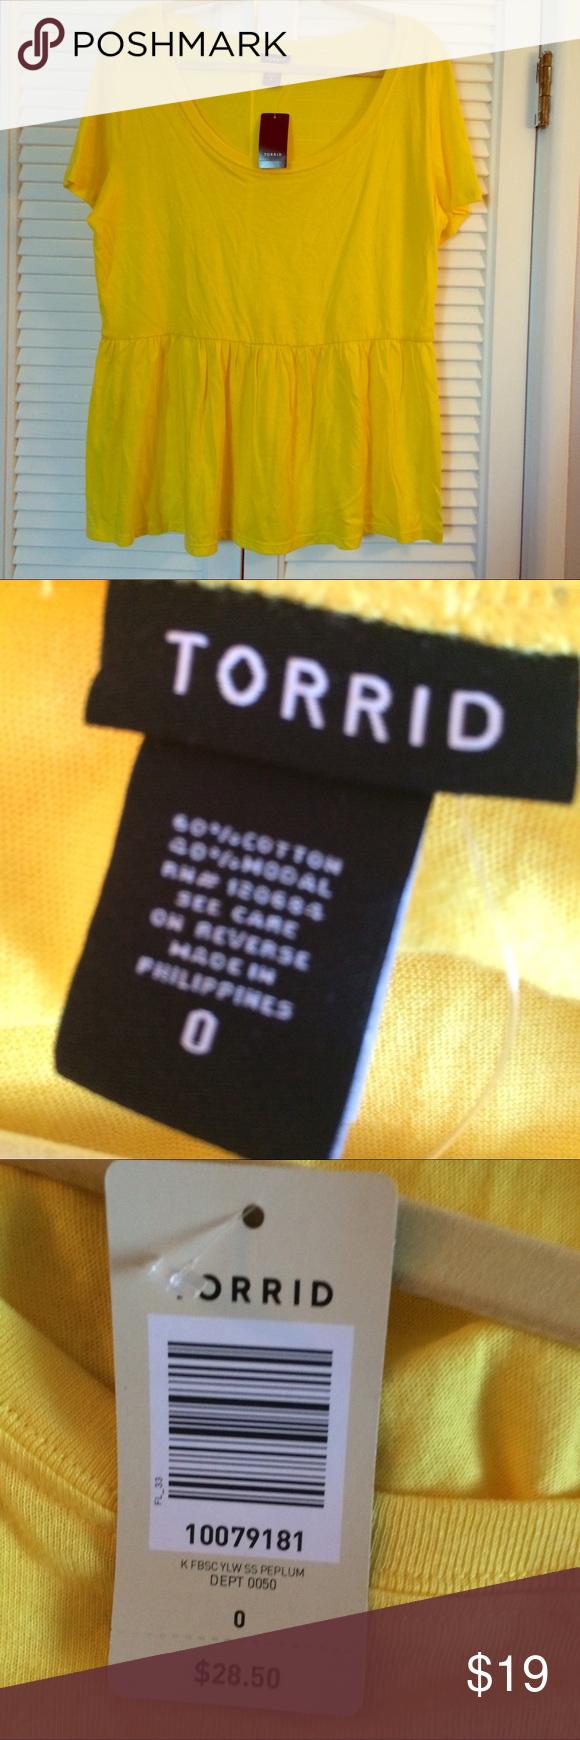 """Torrid Peplum Yellow Torrid peplum top. Size 0x. New with tags. It's more of a causal shirt than a """"dress up"""" business attire shirt. torrid Tops"""